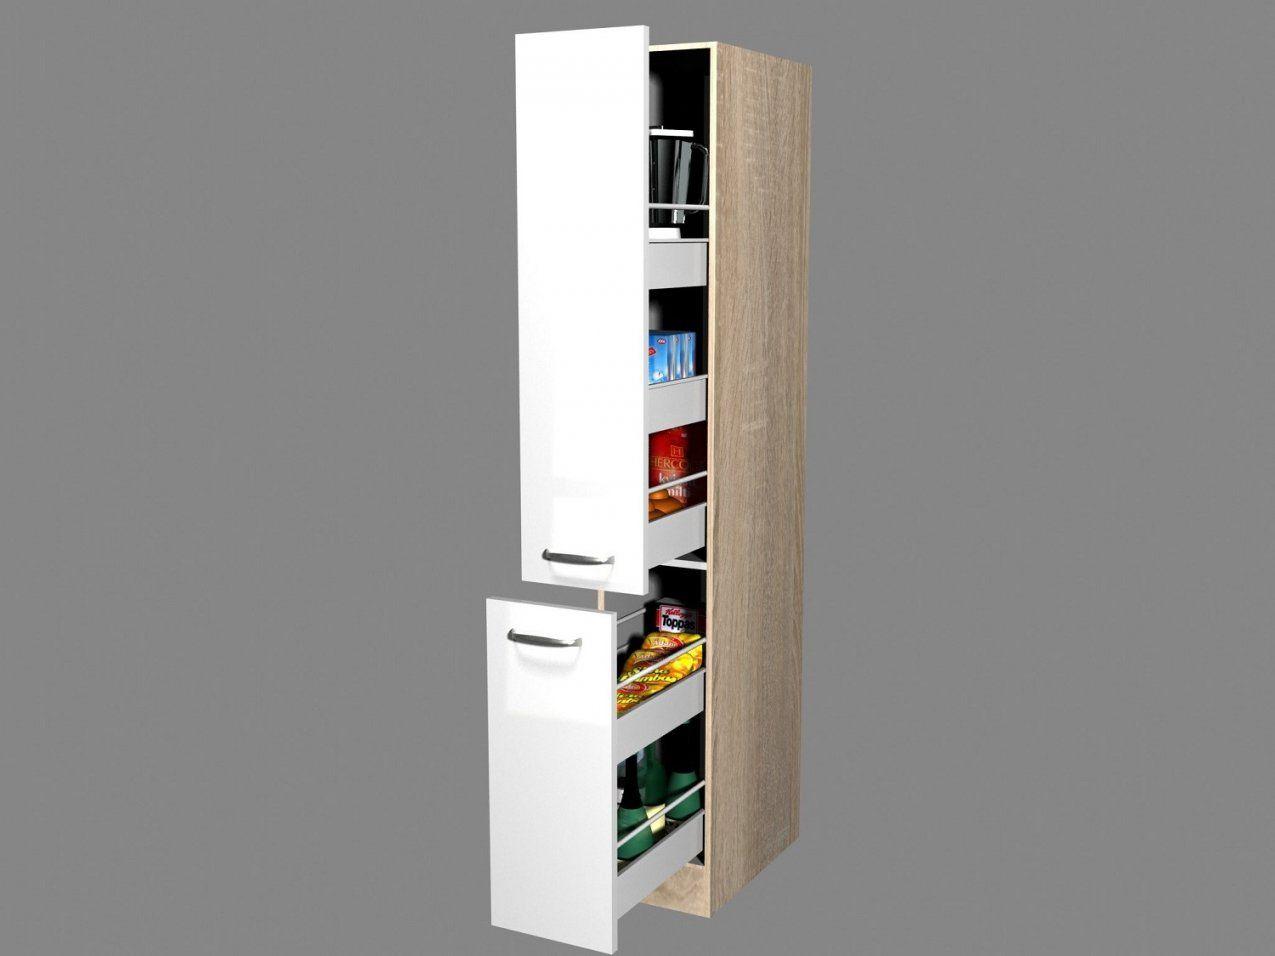 Entzuckend ... Möbel Interessant Apothekerschrank Küche 20Cm Breit Entwürfe Hohe Von  Apothekerschrank 40 Cm Breit Ikea Photo